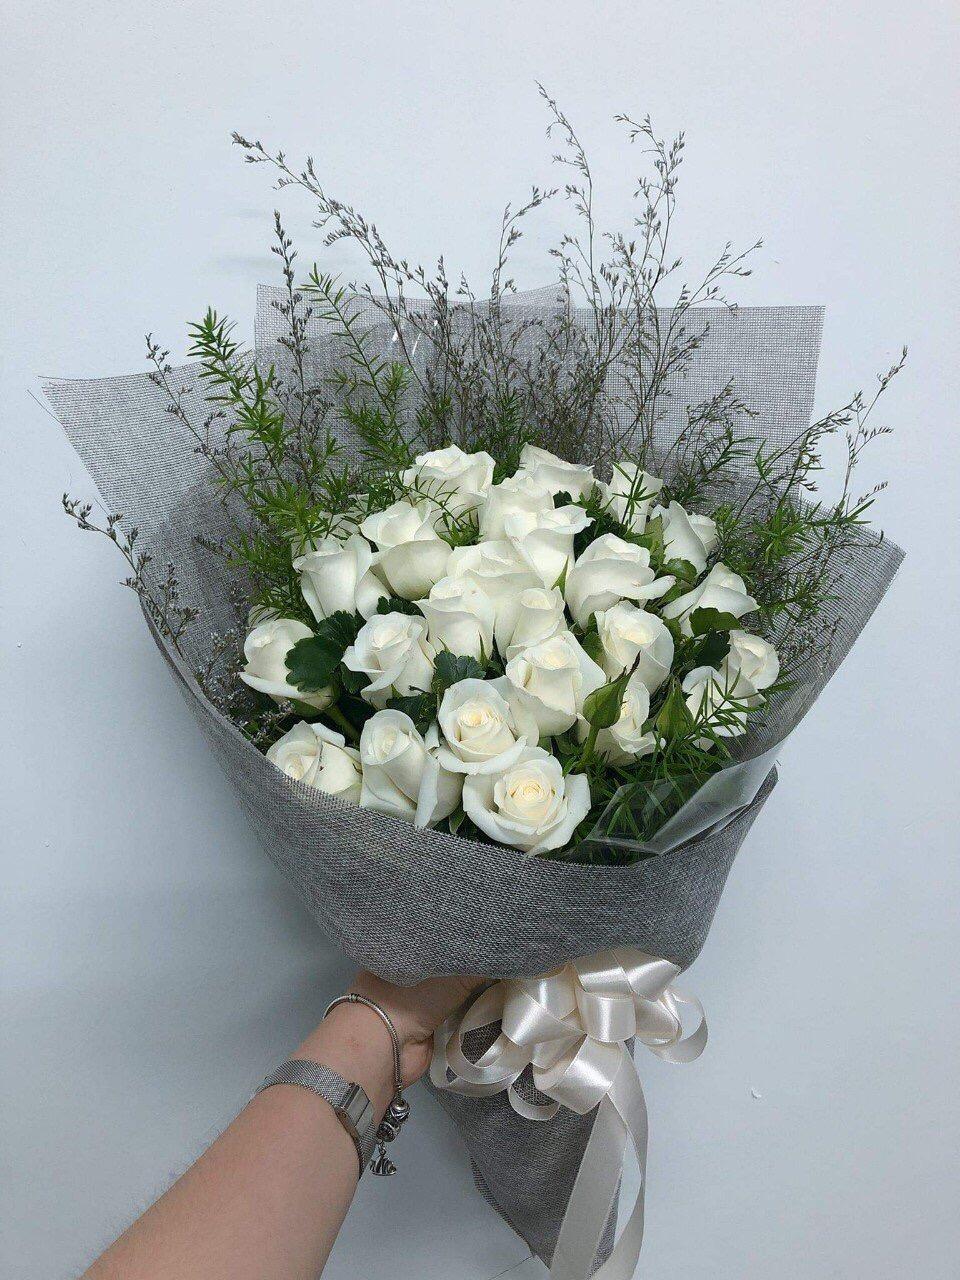 Bó hoa hồng trắng rất đpẹ